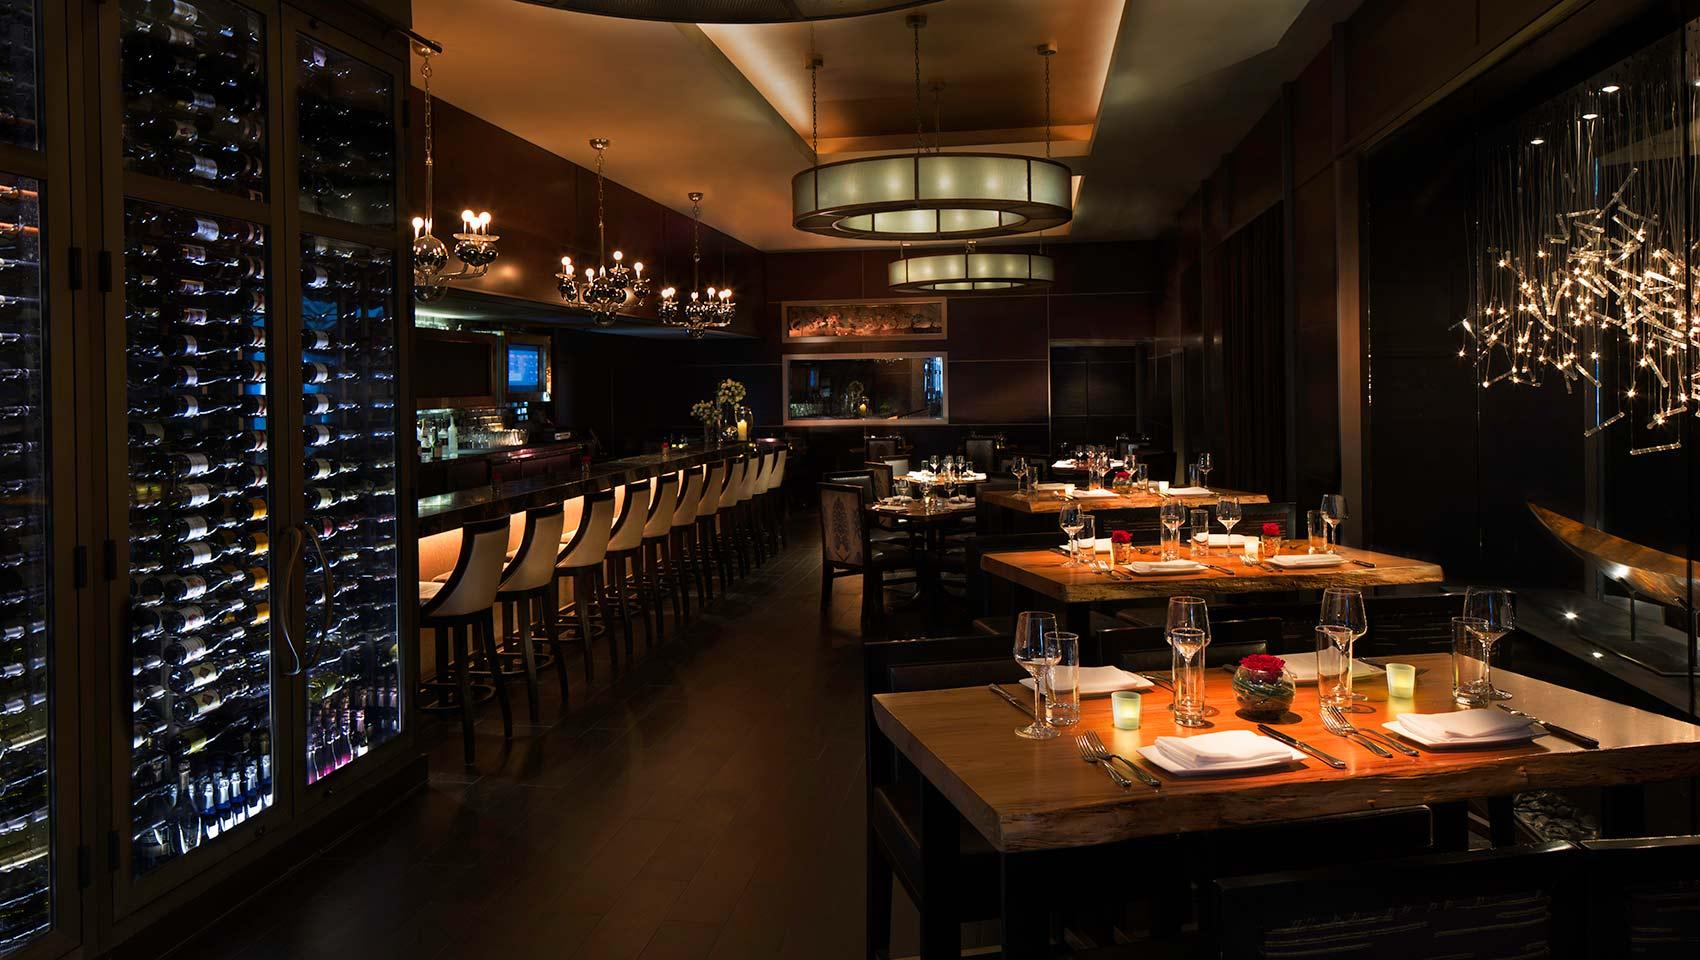 NIOS restaurant Kimpton Muse NYC